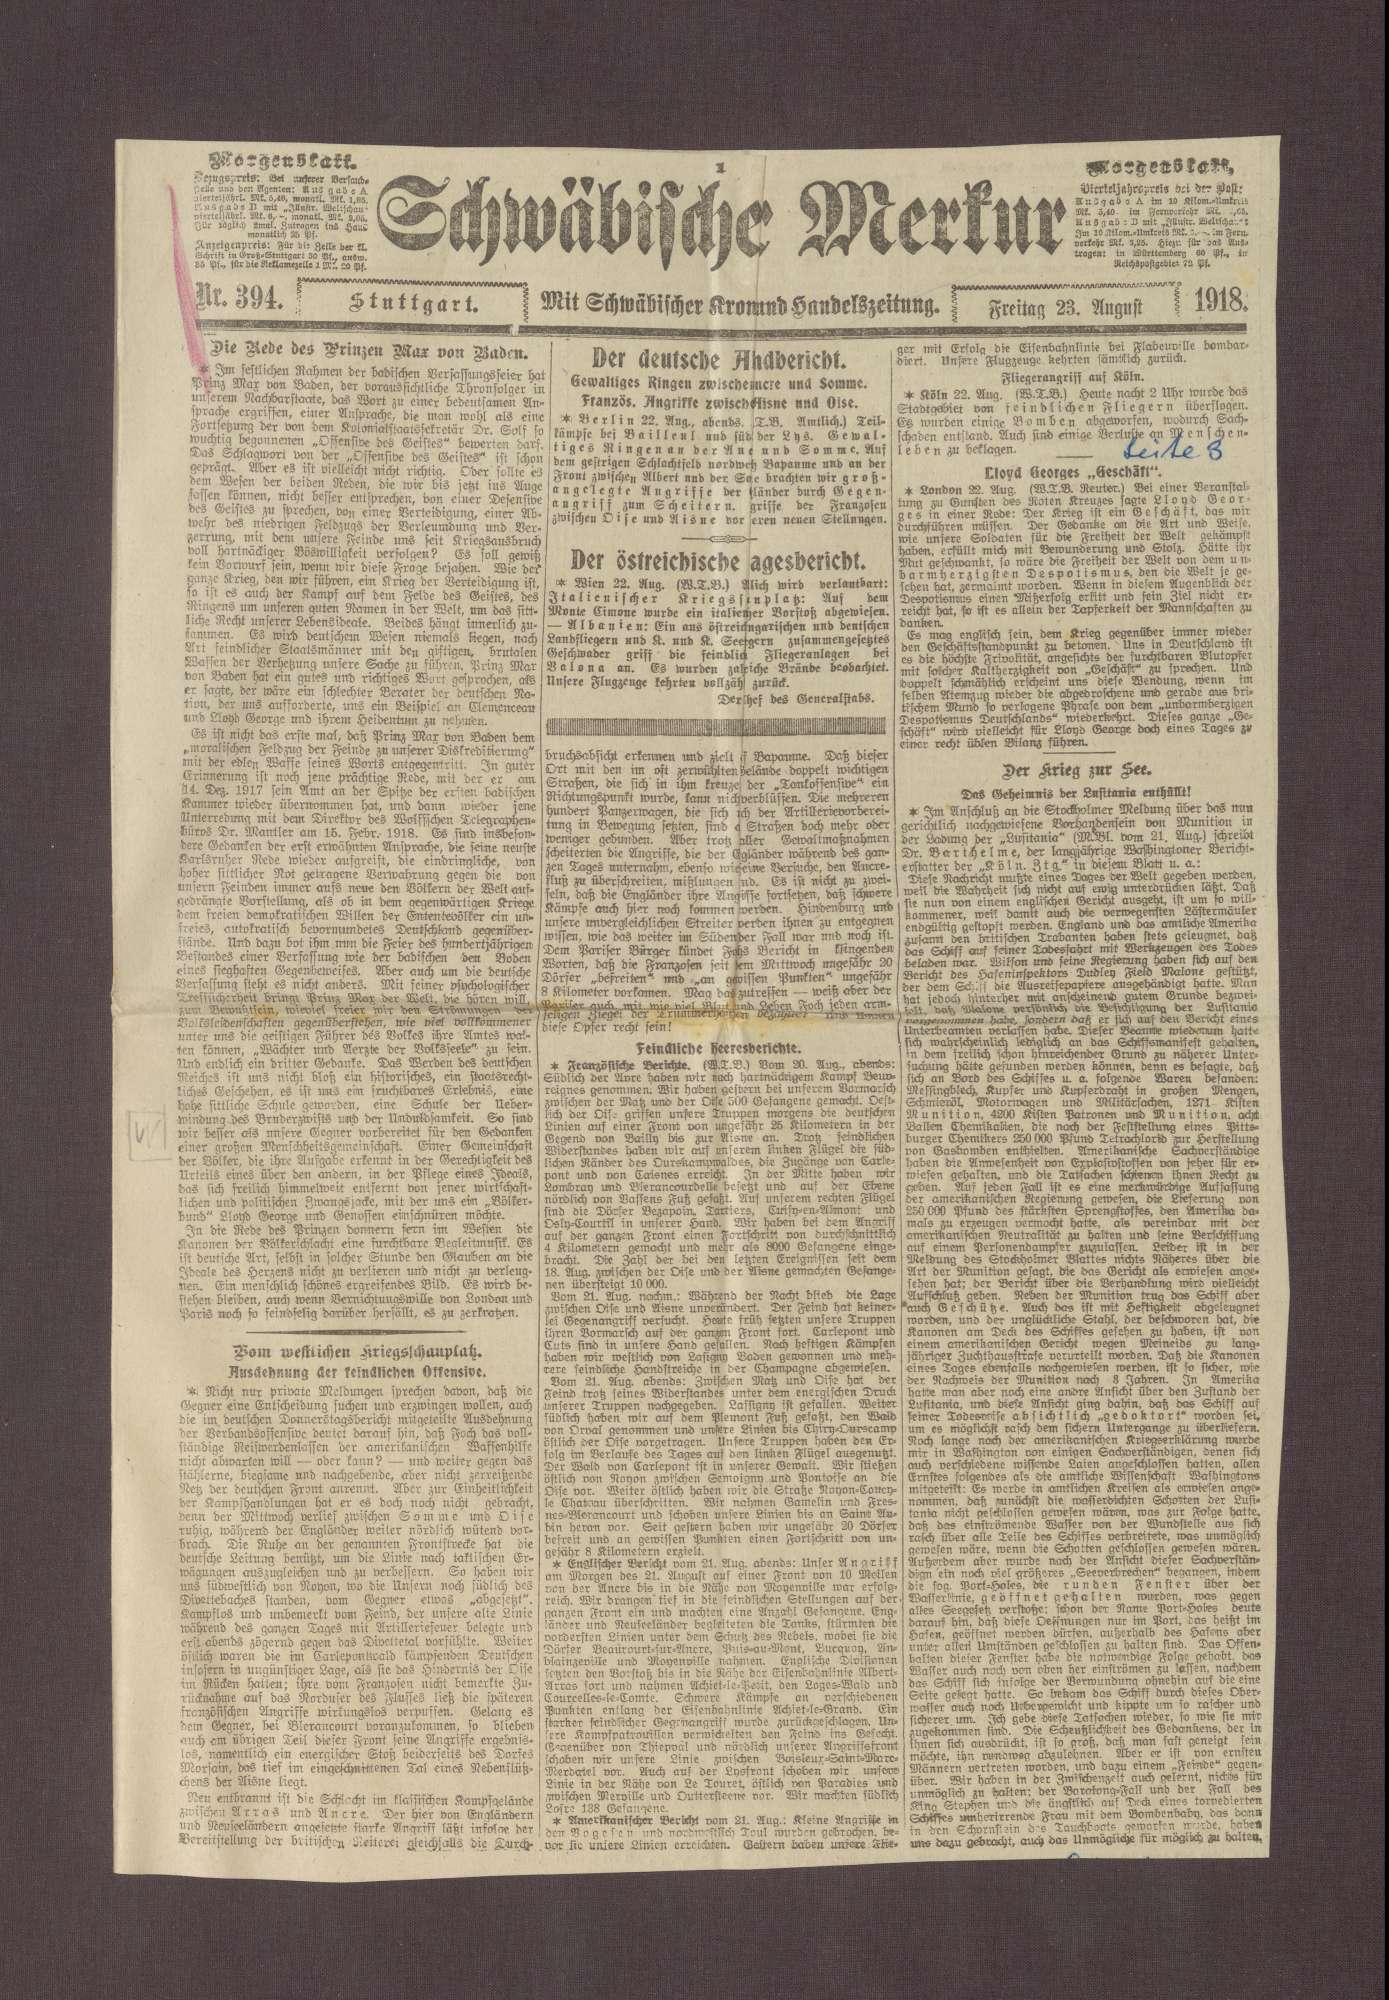 """Artikel in dem Schwäbischen Merkur: """"Die Rede des Prinzen Max von Baden"""", Bild 1"""